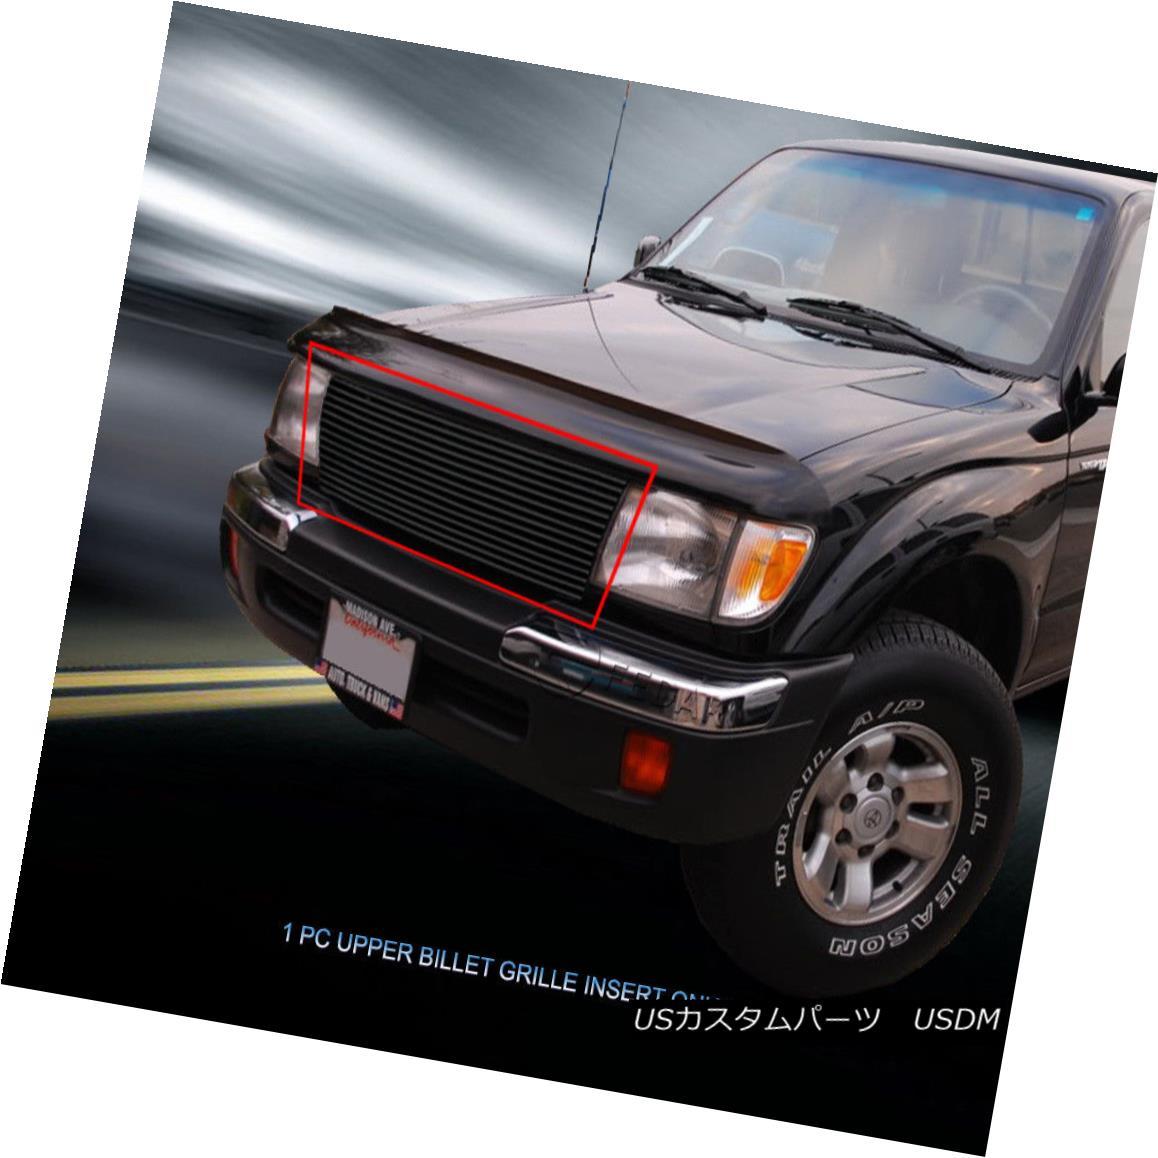 グリル Fedar Fits 1997-2000 Toyota Tacoma 2WD Black Billet Grille Upper Grill Insert Fedarフィット1997-2000トヨタタコマ2WDブラックビレットグリルアッパーグリルインサート